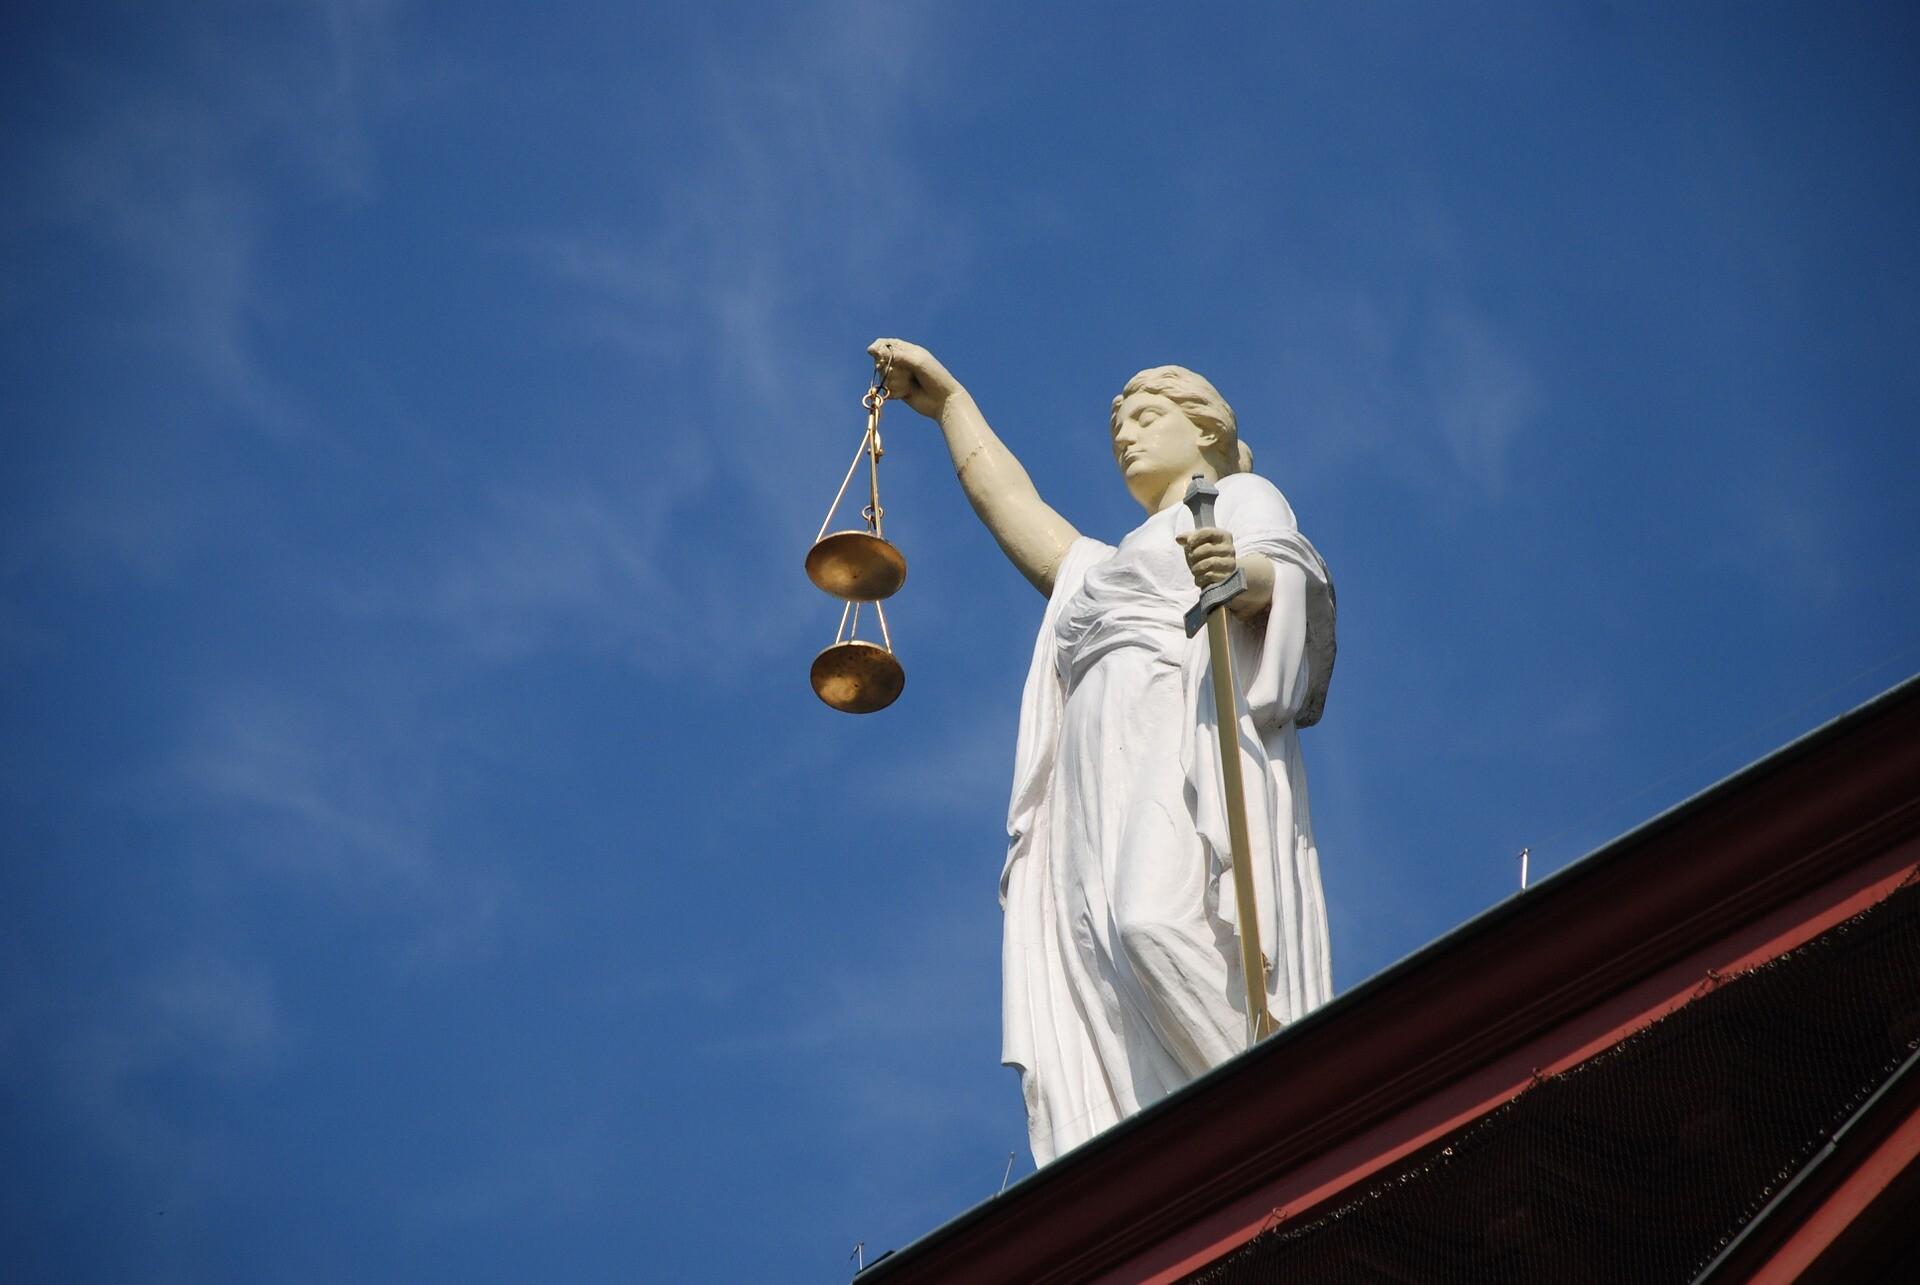 Desconsideração da Personalidade Jurídica e o Novo CPC